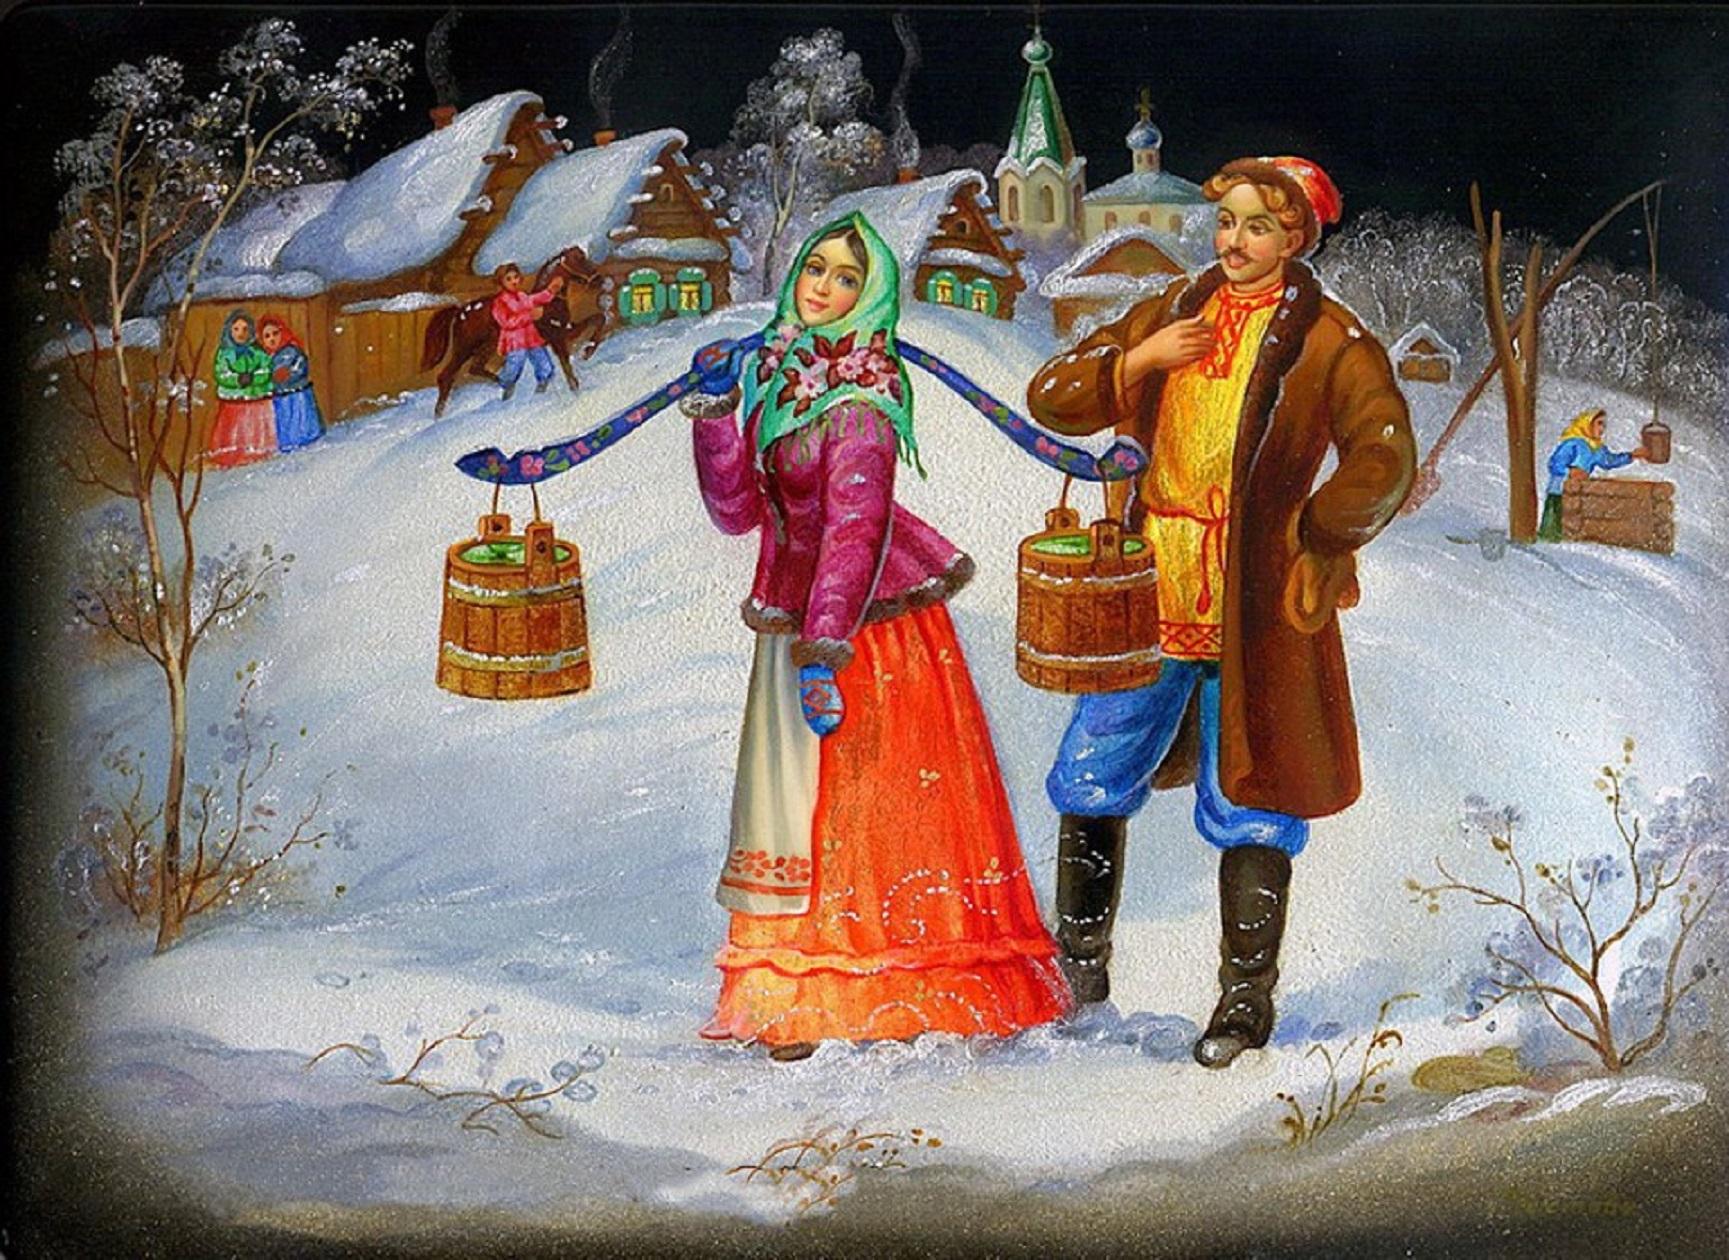 русские народные картинки зима завершении здесь будет